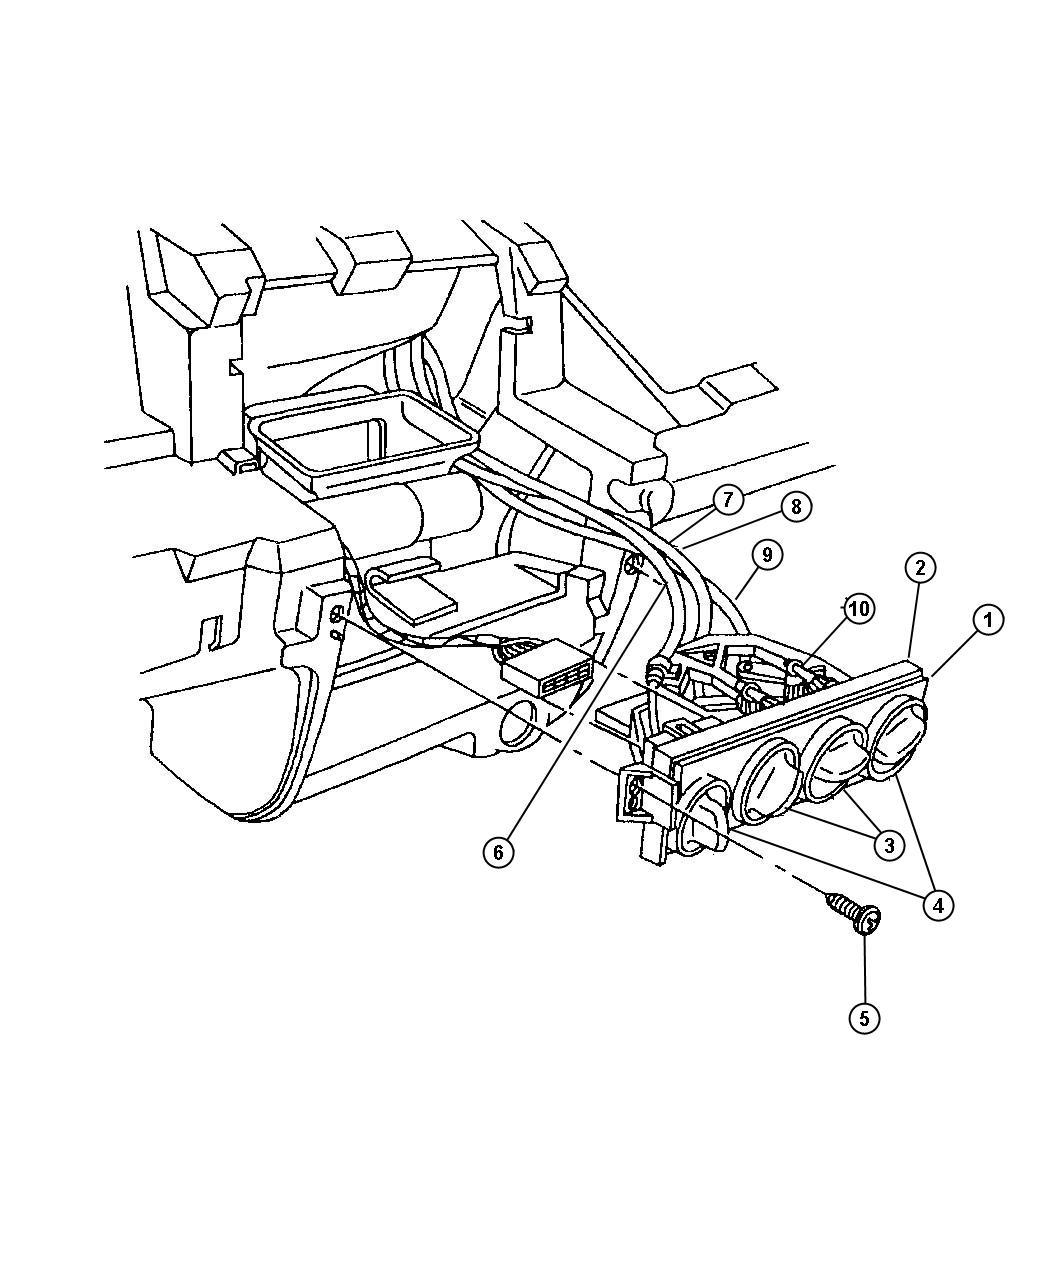 Dodge Neon Door Parts Diagrams